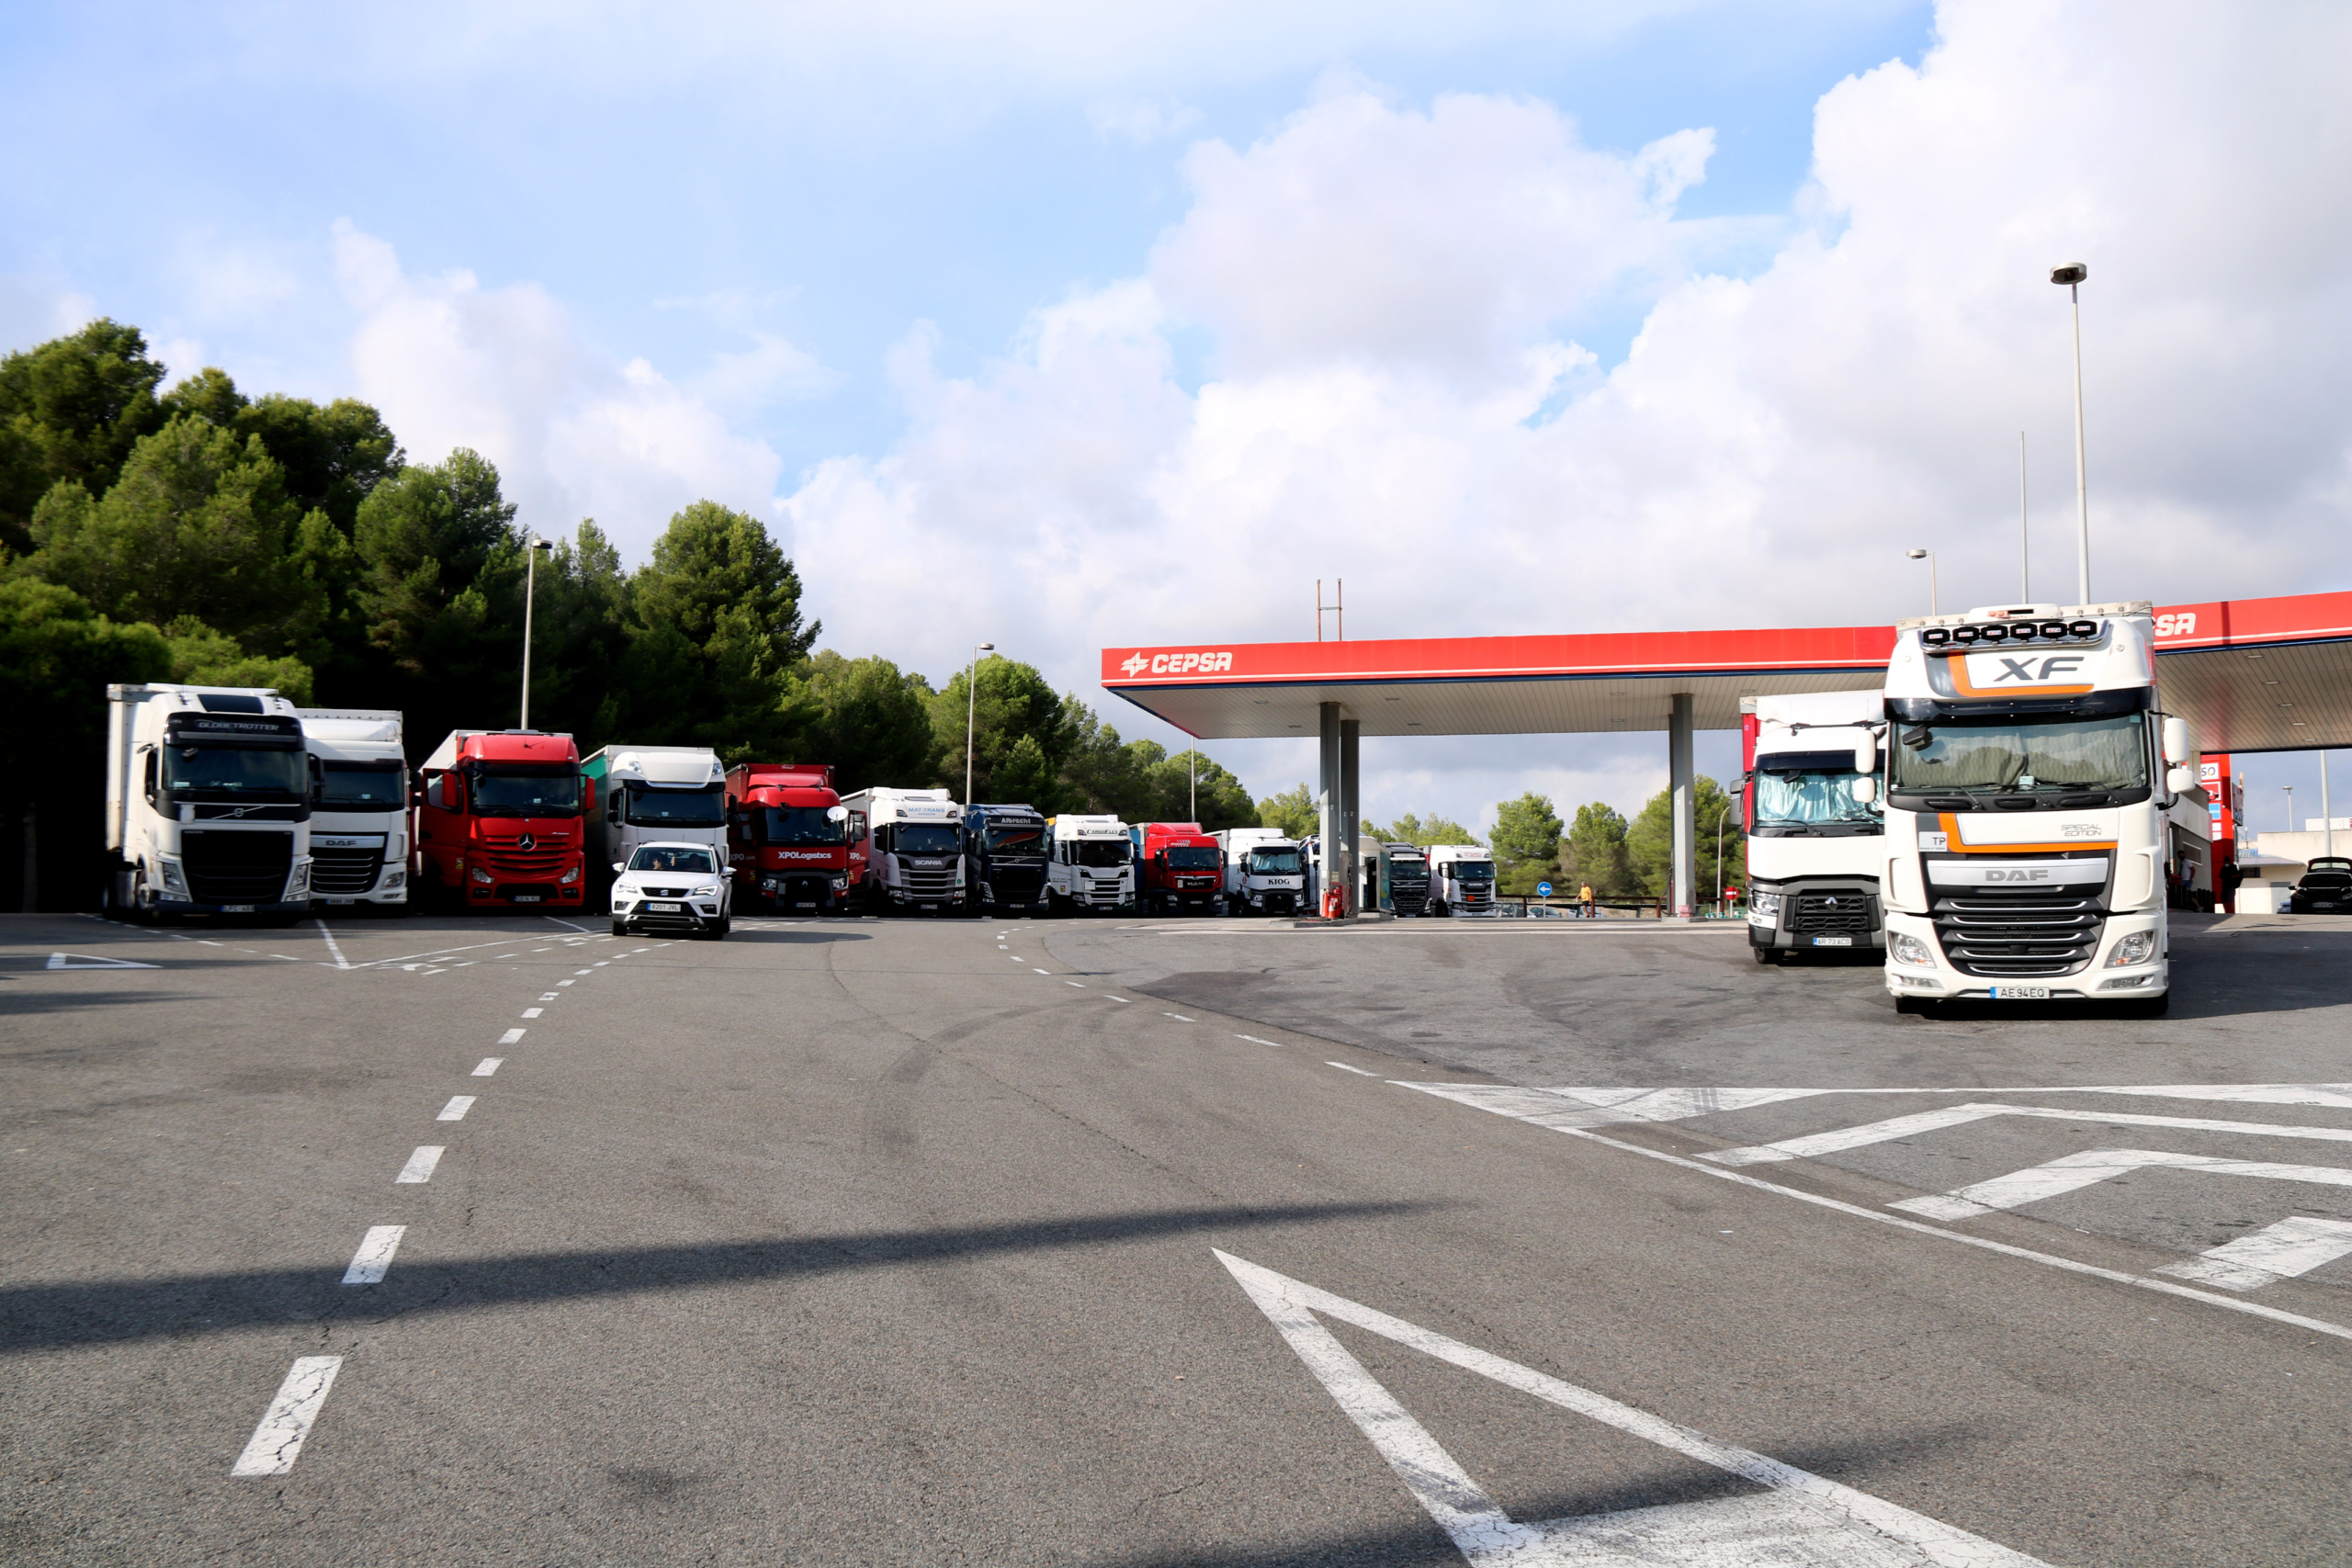 Camions aparcats en una àrea de servei de l'AP-7 a l'altura d'Altafulla, després que entrés en vigor la prohibició de circular per l'AP-7 | ACN